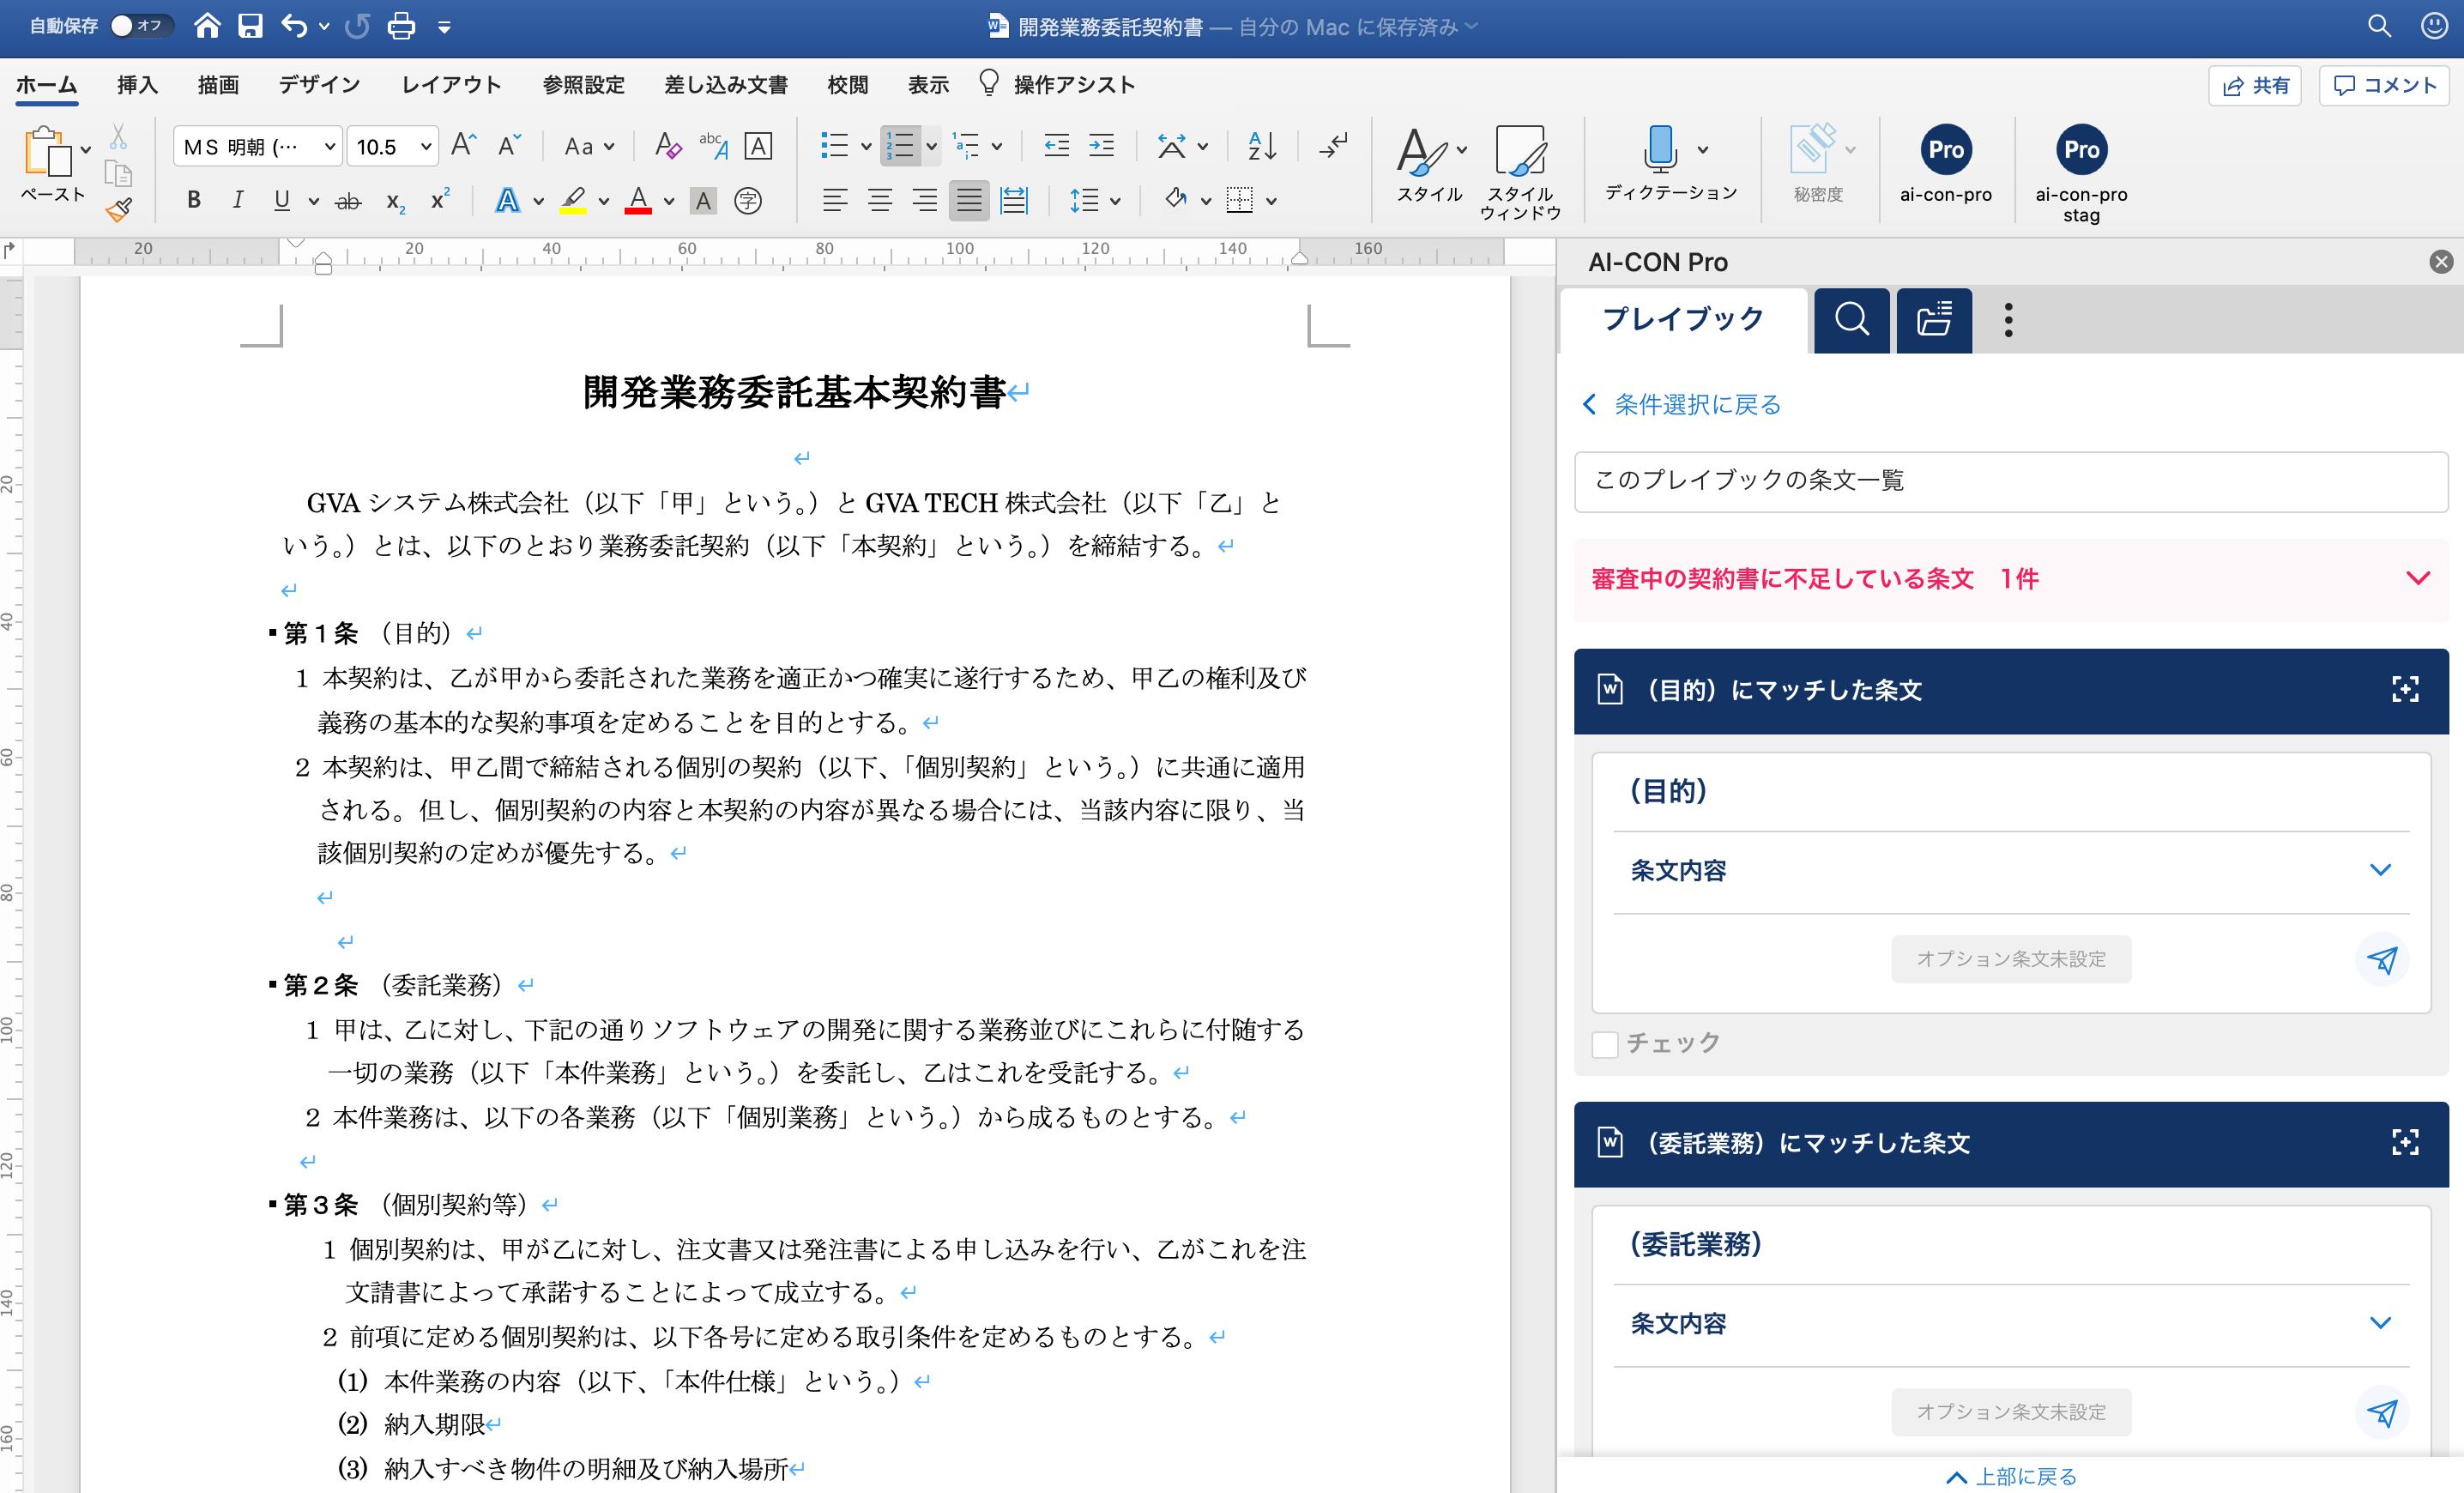 AI契約書レビューAI-CONPROの操作画面